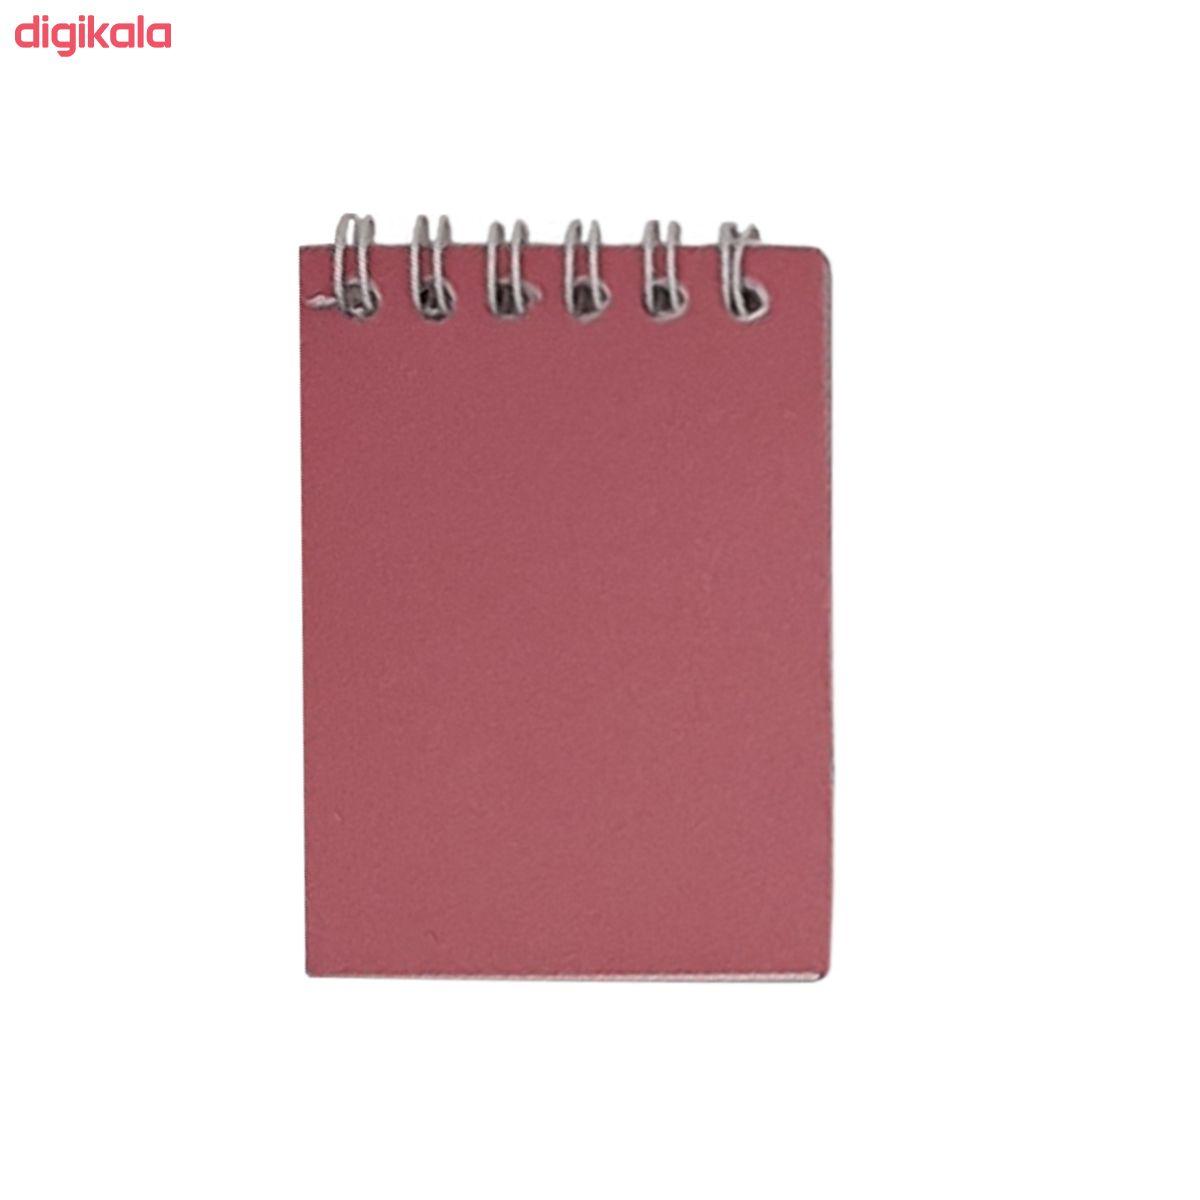 دفترچه یادداشت 60 برگ الماس مدل B-SD-T main 1 5